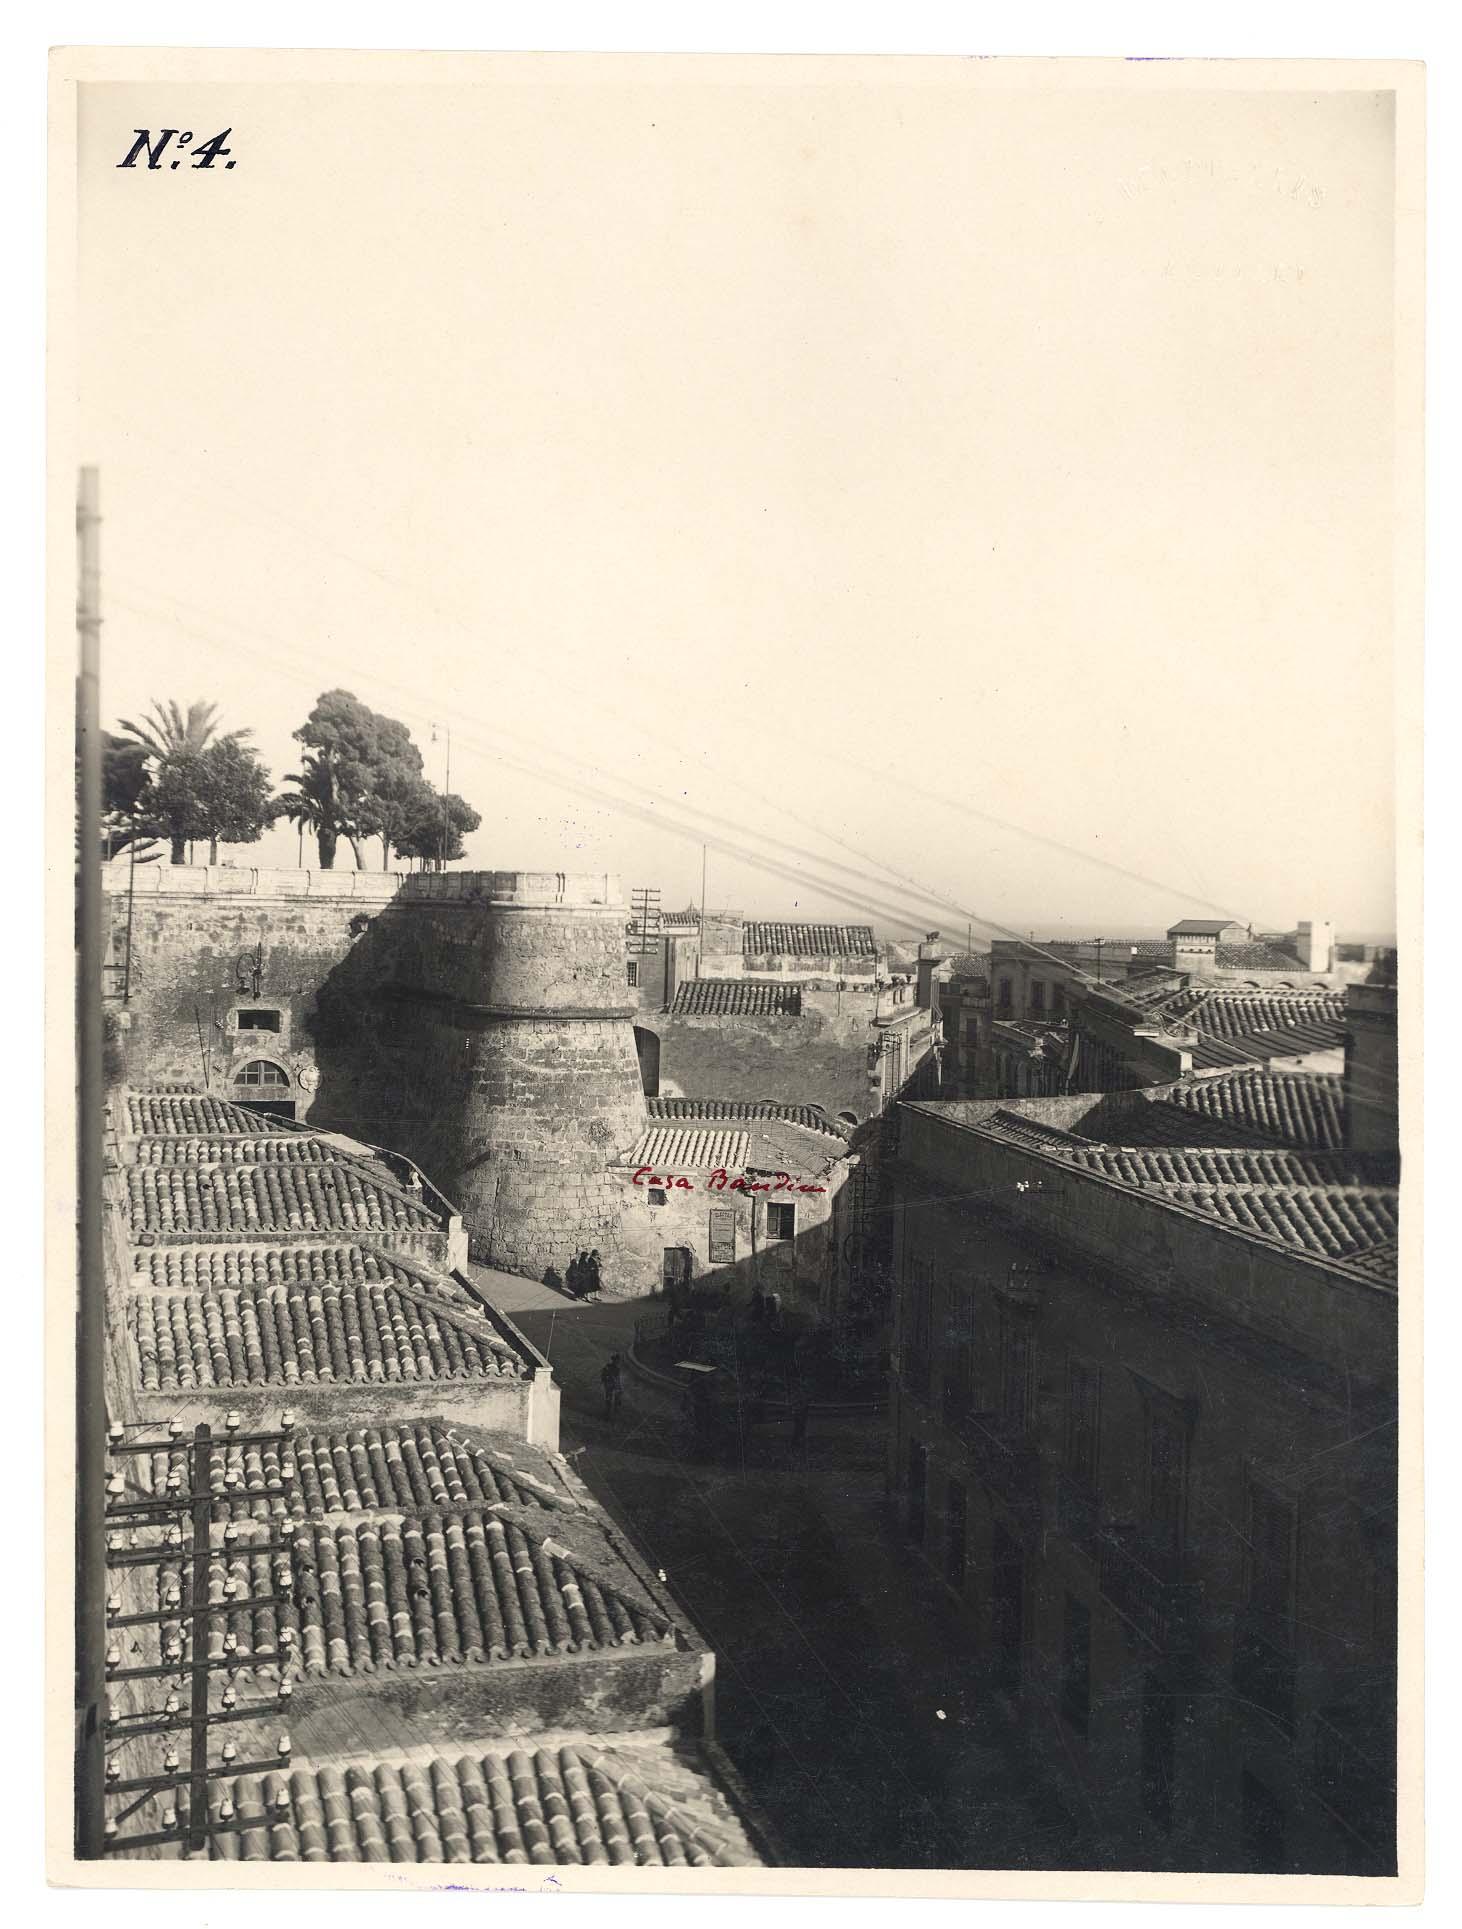 Archivio Comunale - 1929 - Topografia_jpg_foto 0022 4-4